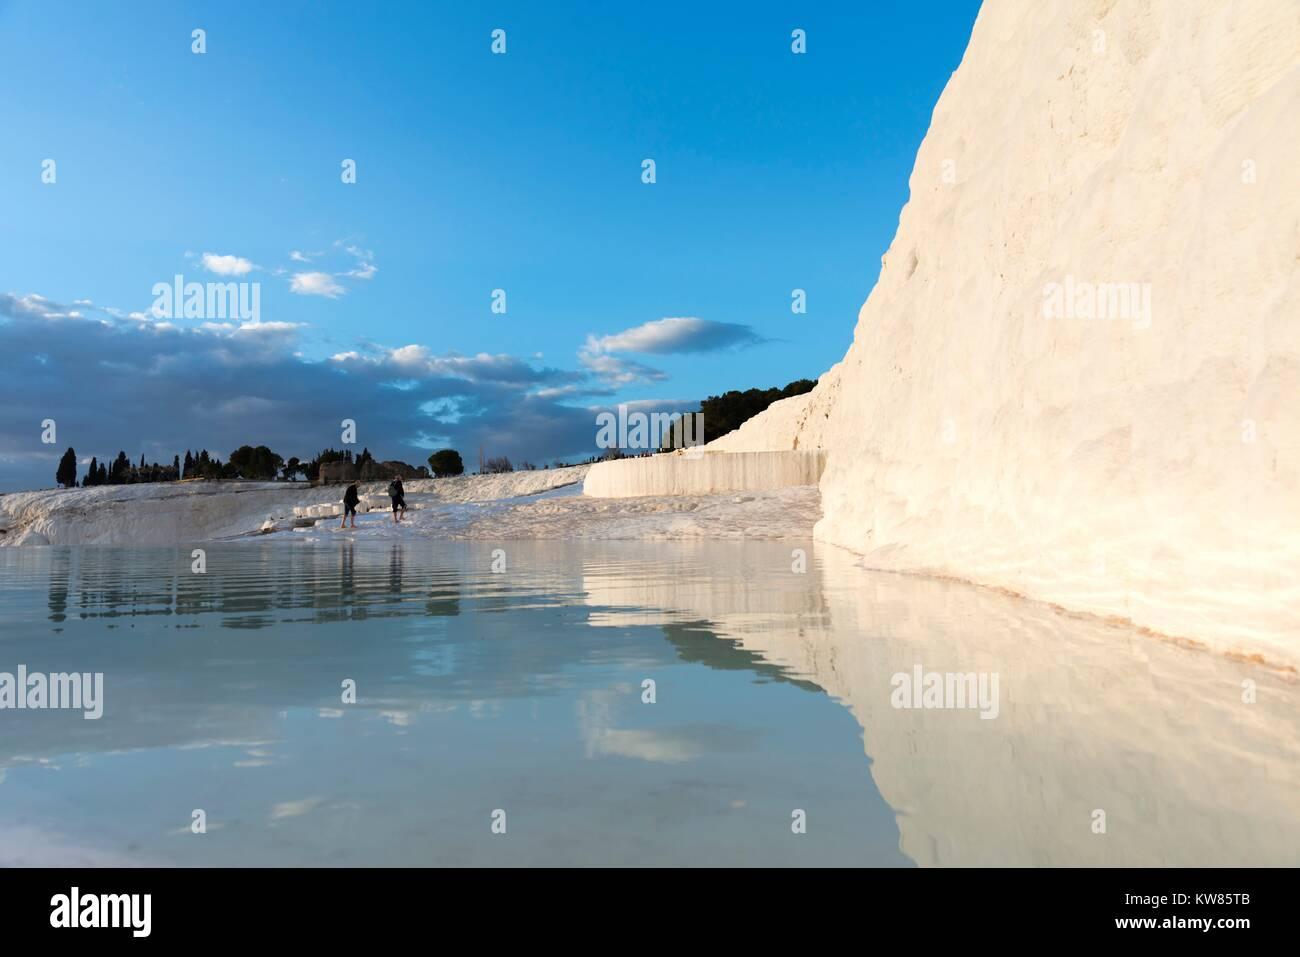 Château de coton à Pamukkale ( ), située à Denizli en Turquie. Photo Stock